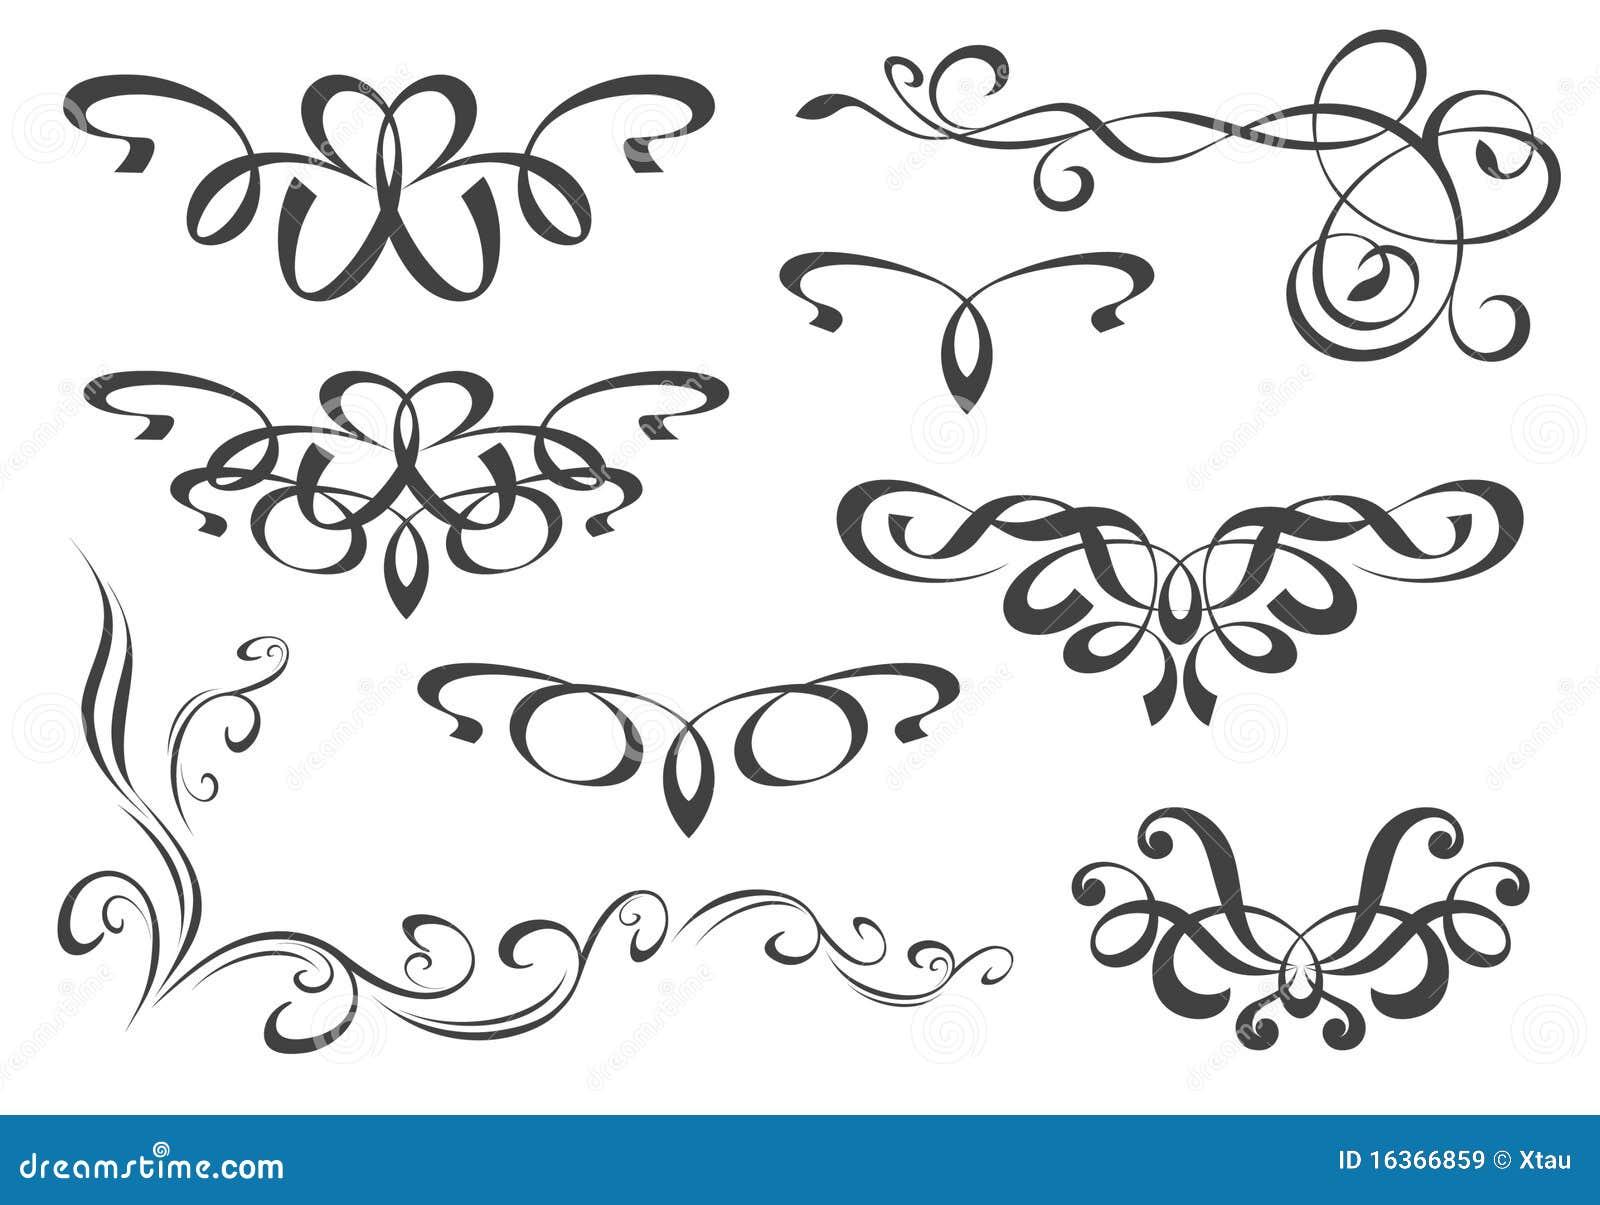 Insieme degli elementi decorativi illustrazione vettoriale for Greche decorative per cucina